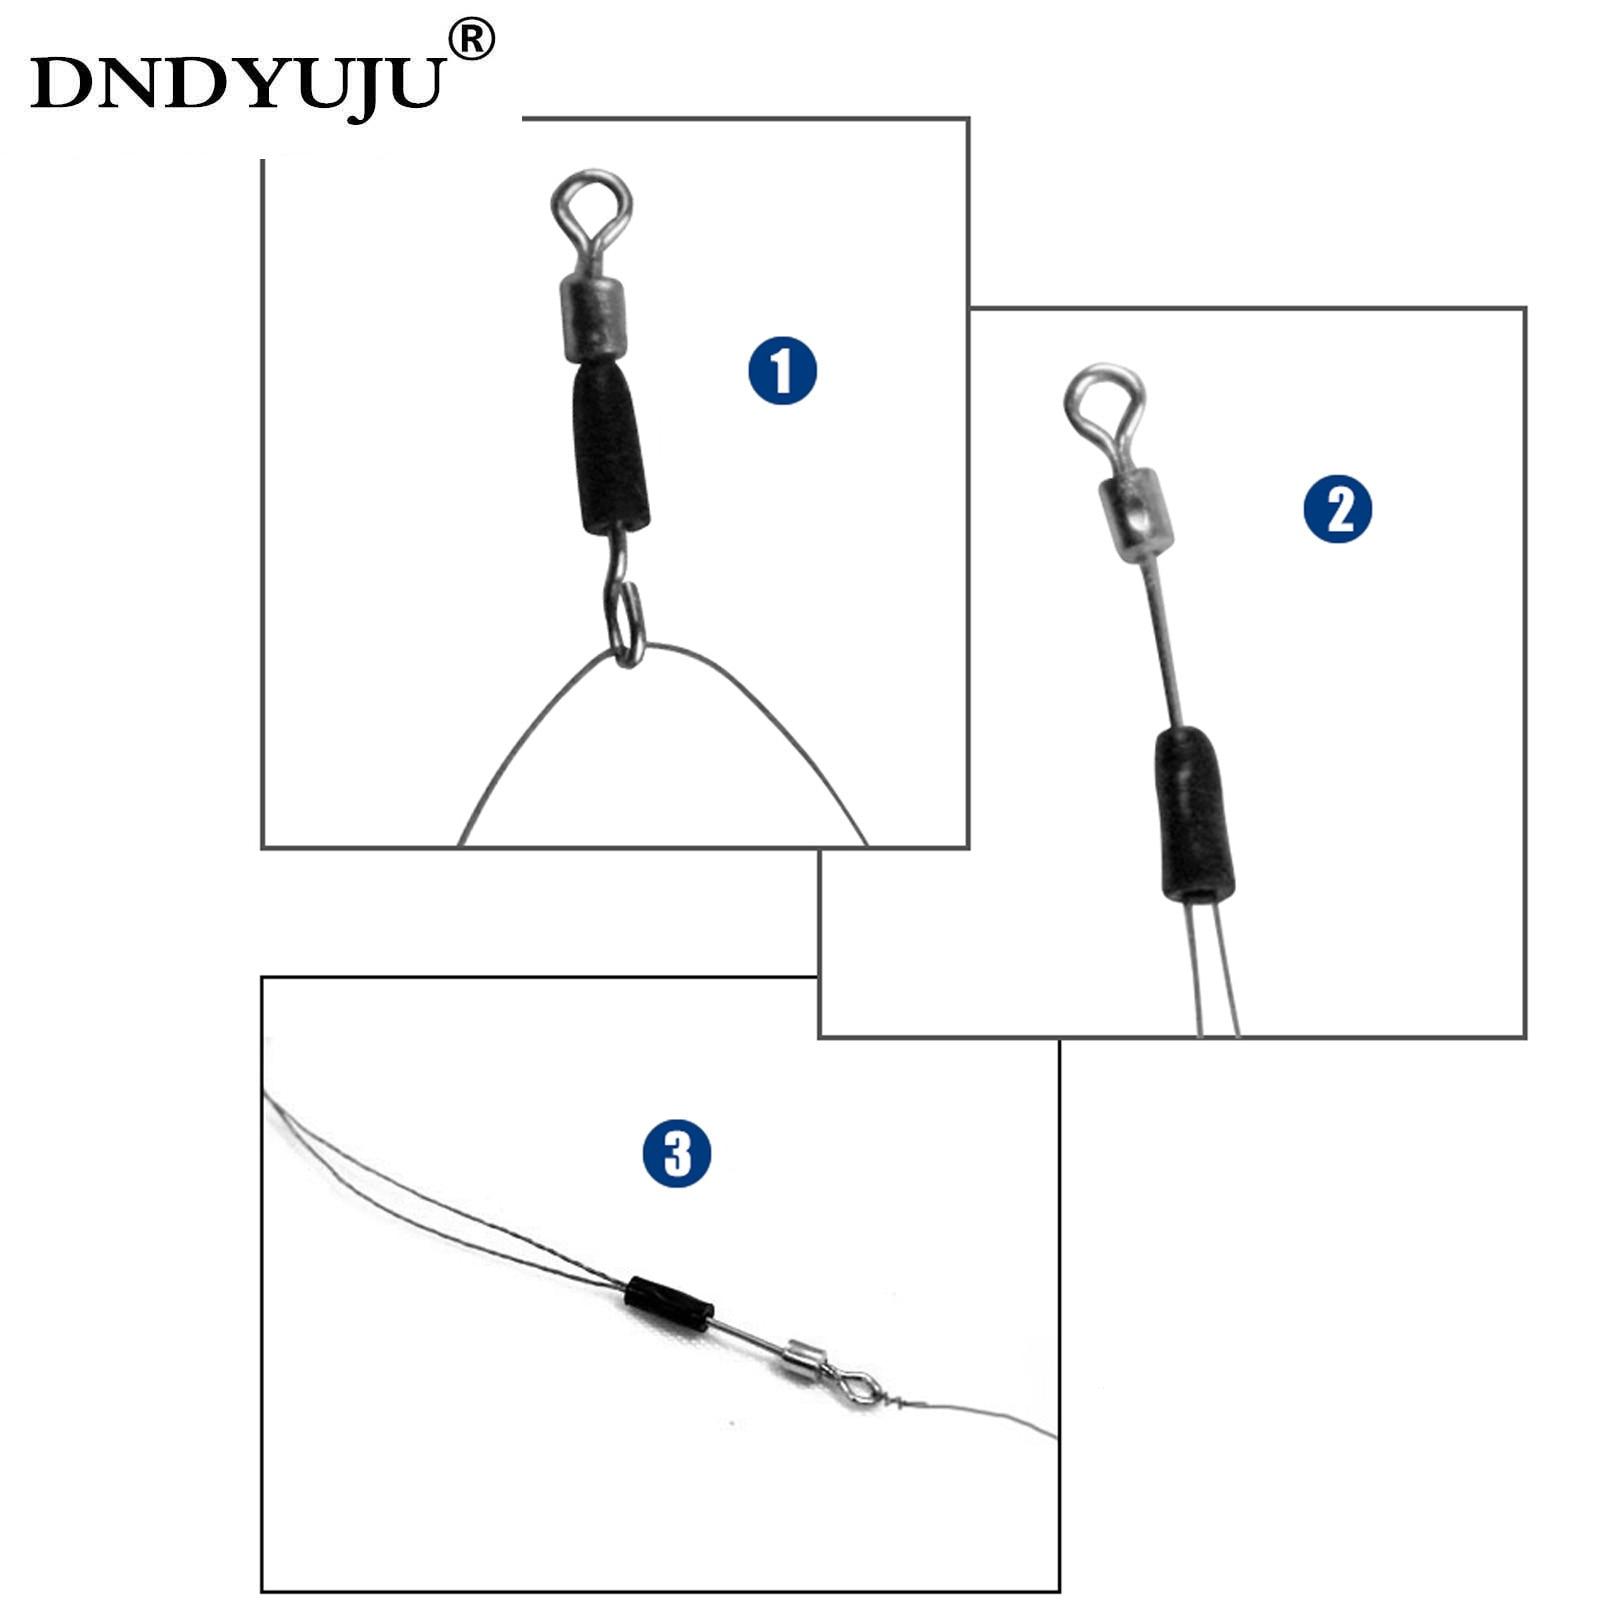 DNDYUJU 50 шт., шарикоподшипники, поворотные Прочные Кольца, рыболовные коннекторы, крючки, быстрая связь